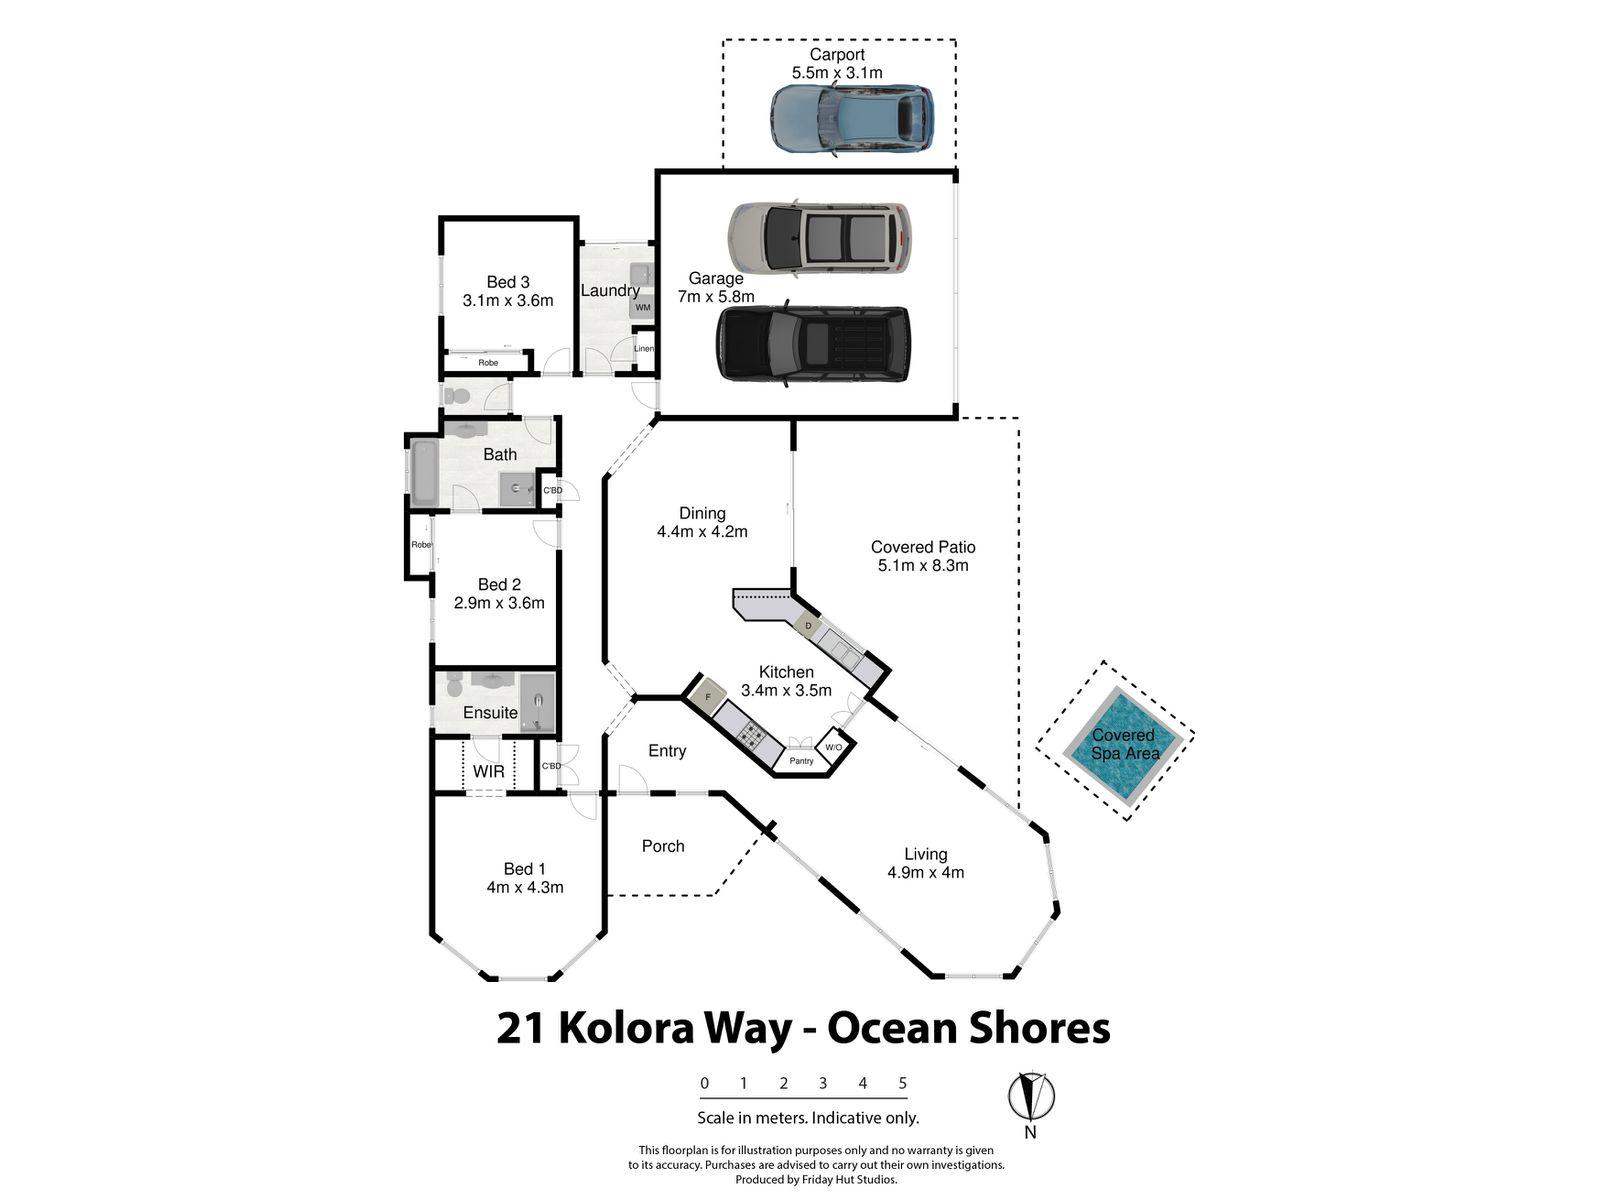 21 Kolora Way, Ocean Shores